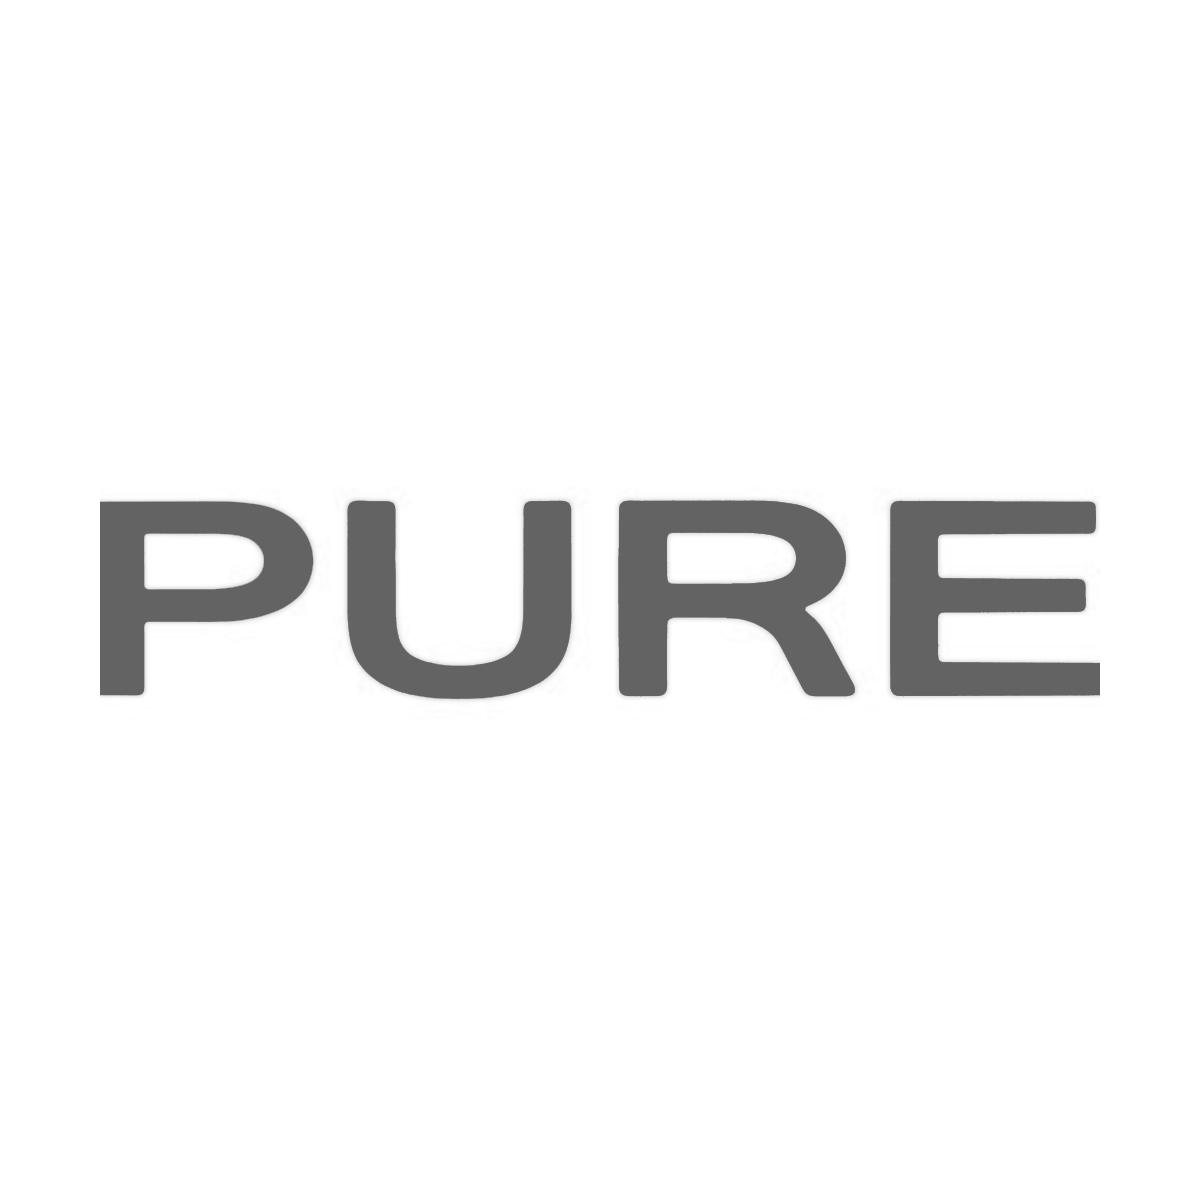 Marque Pure maroquinerie chanvre et coton bio 100% écologique